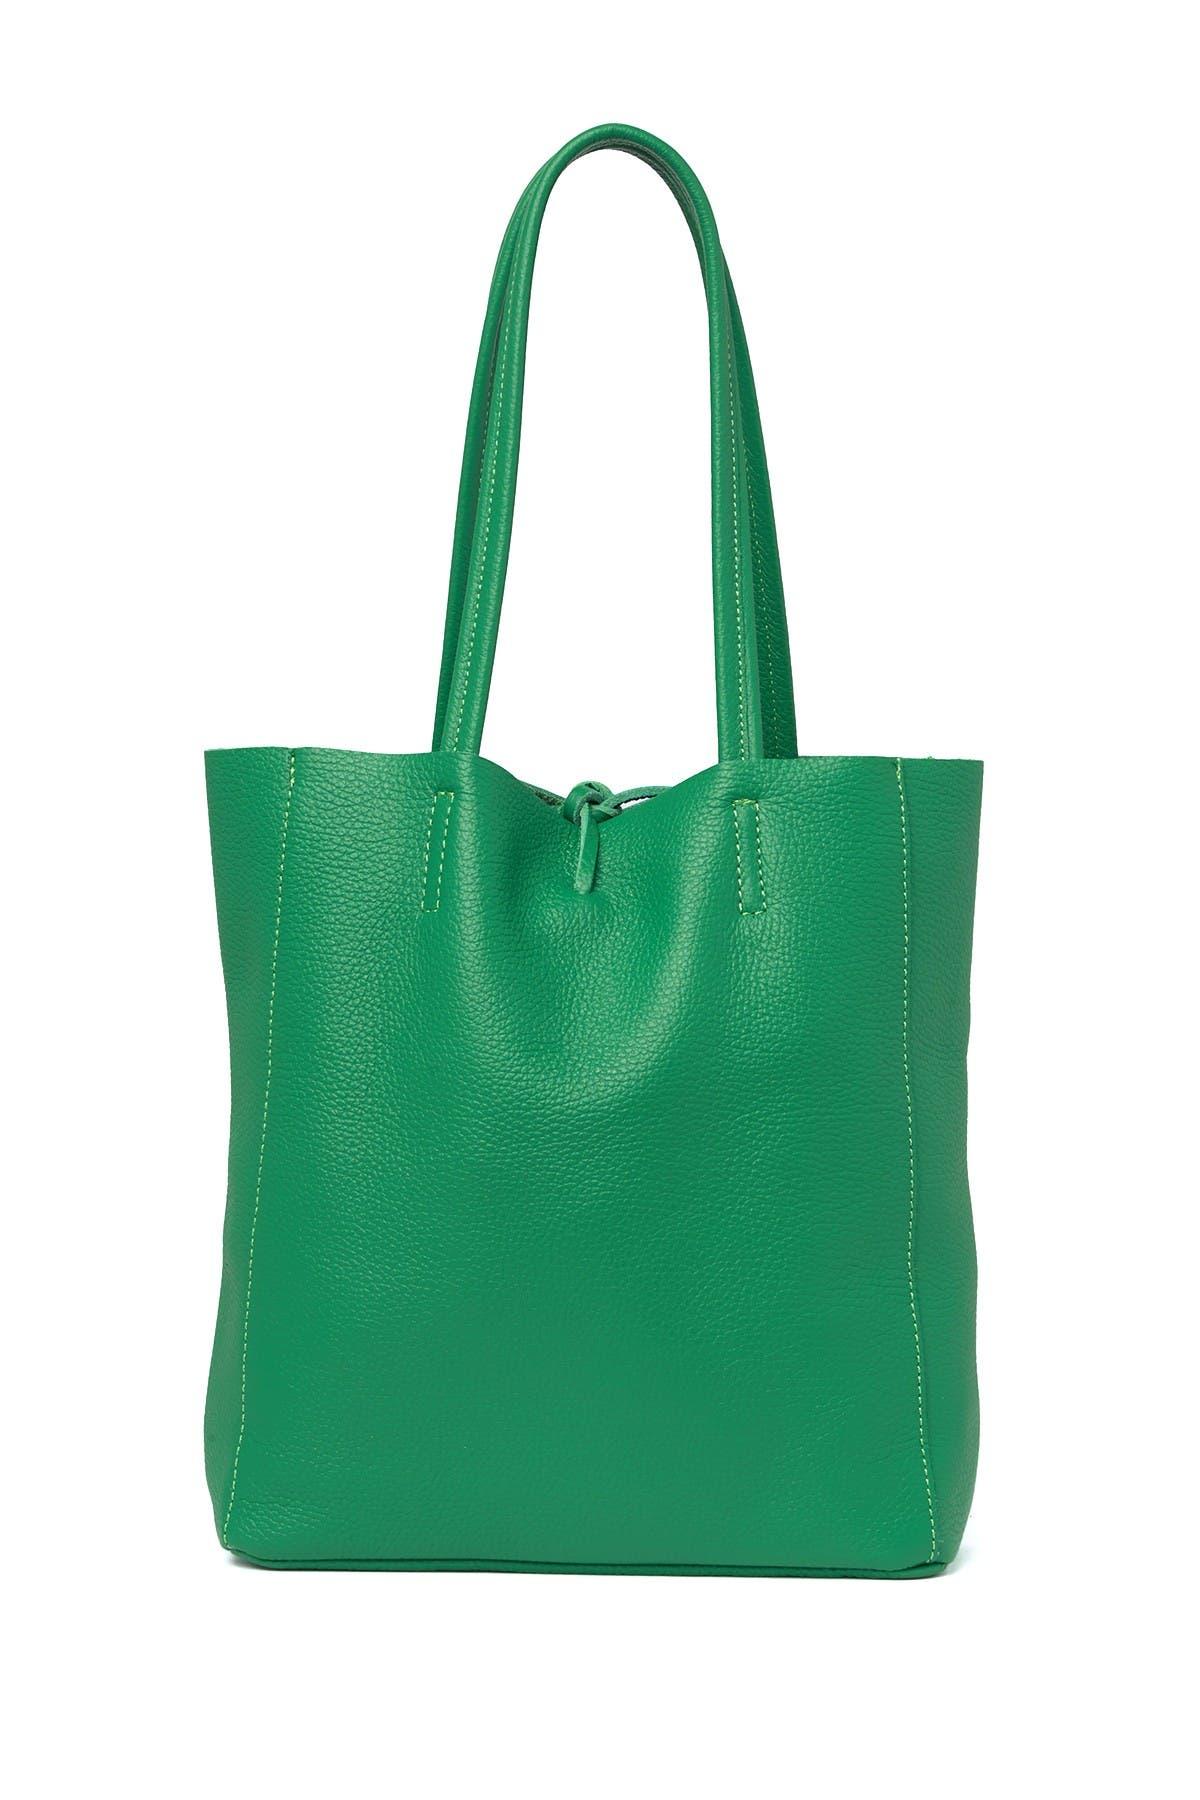 Image of Sofia Cardoni Leather Tote Bag